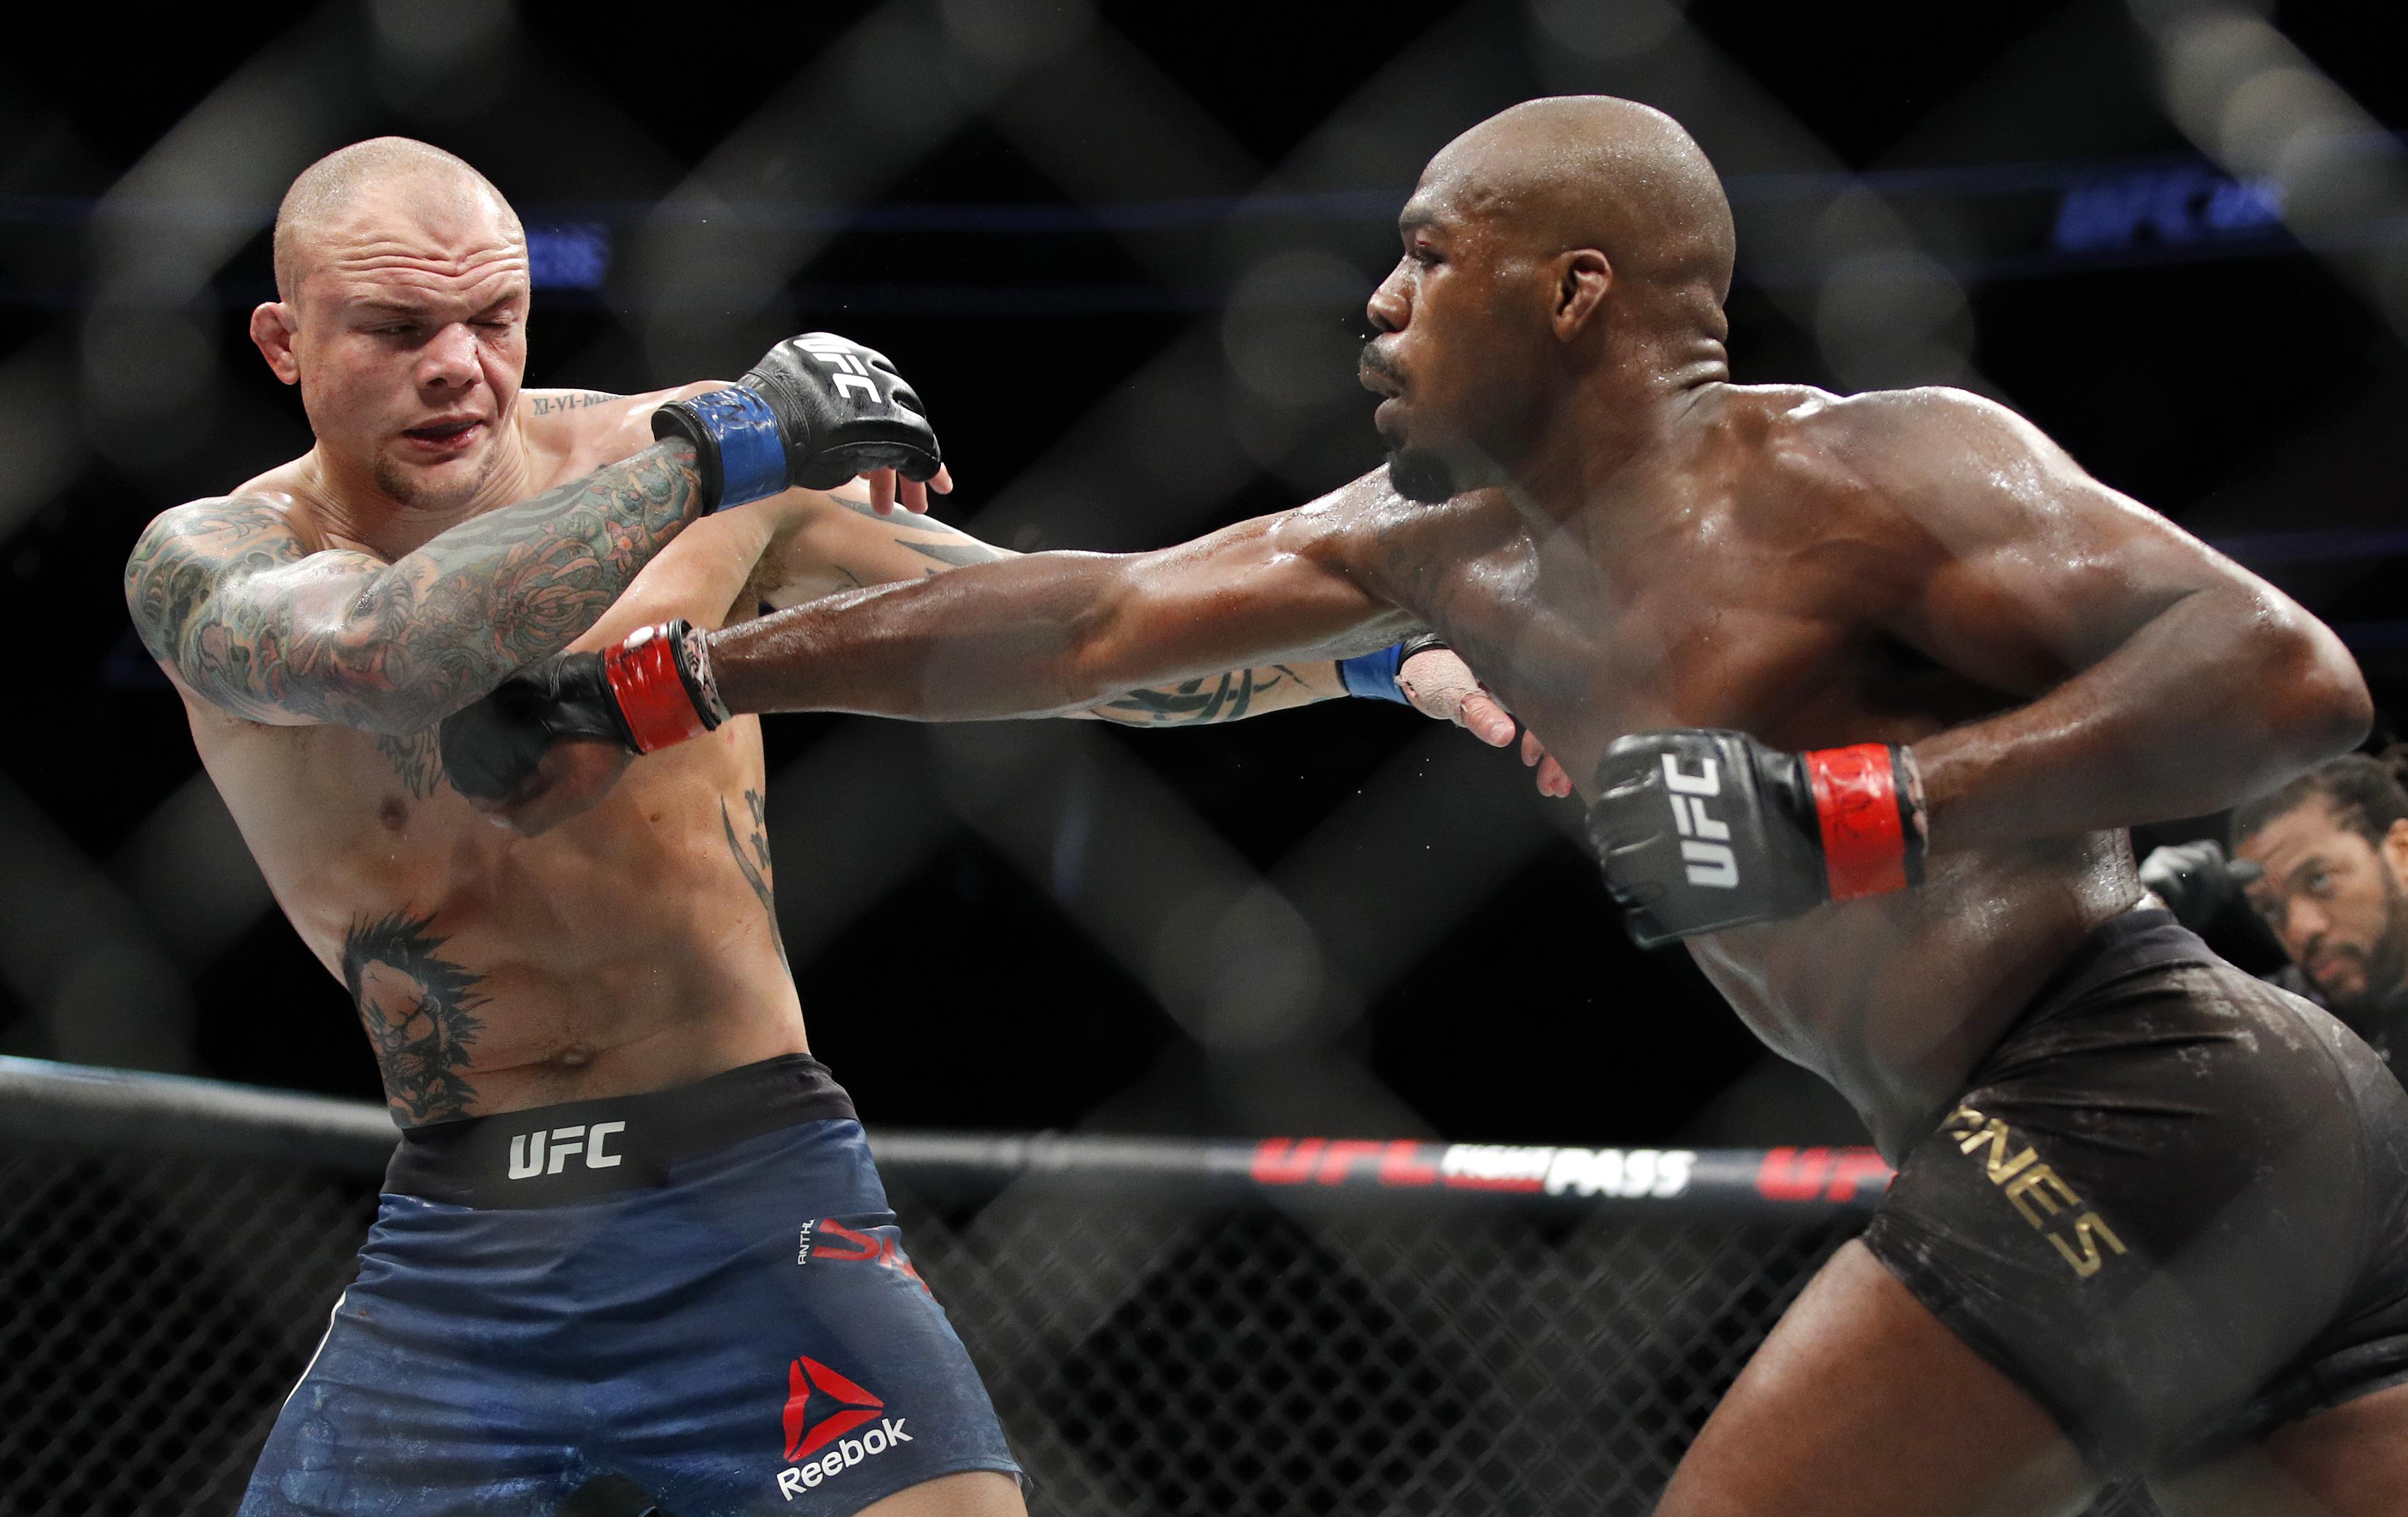 UFC 235 Mixed Martial Arts